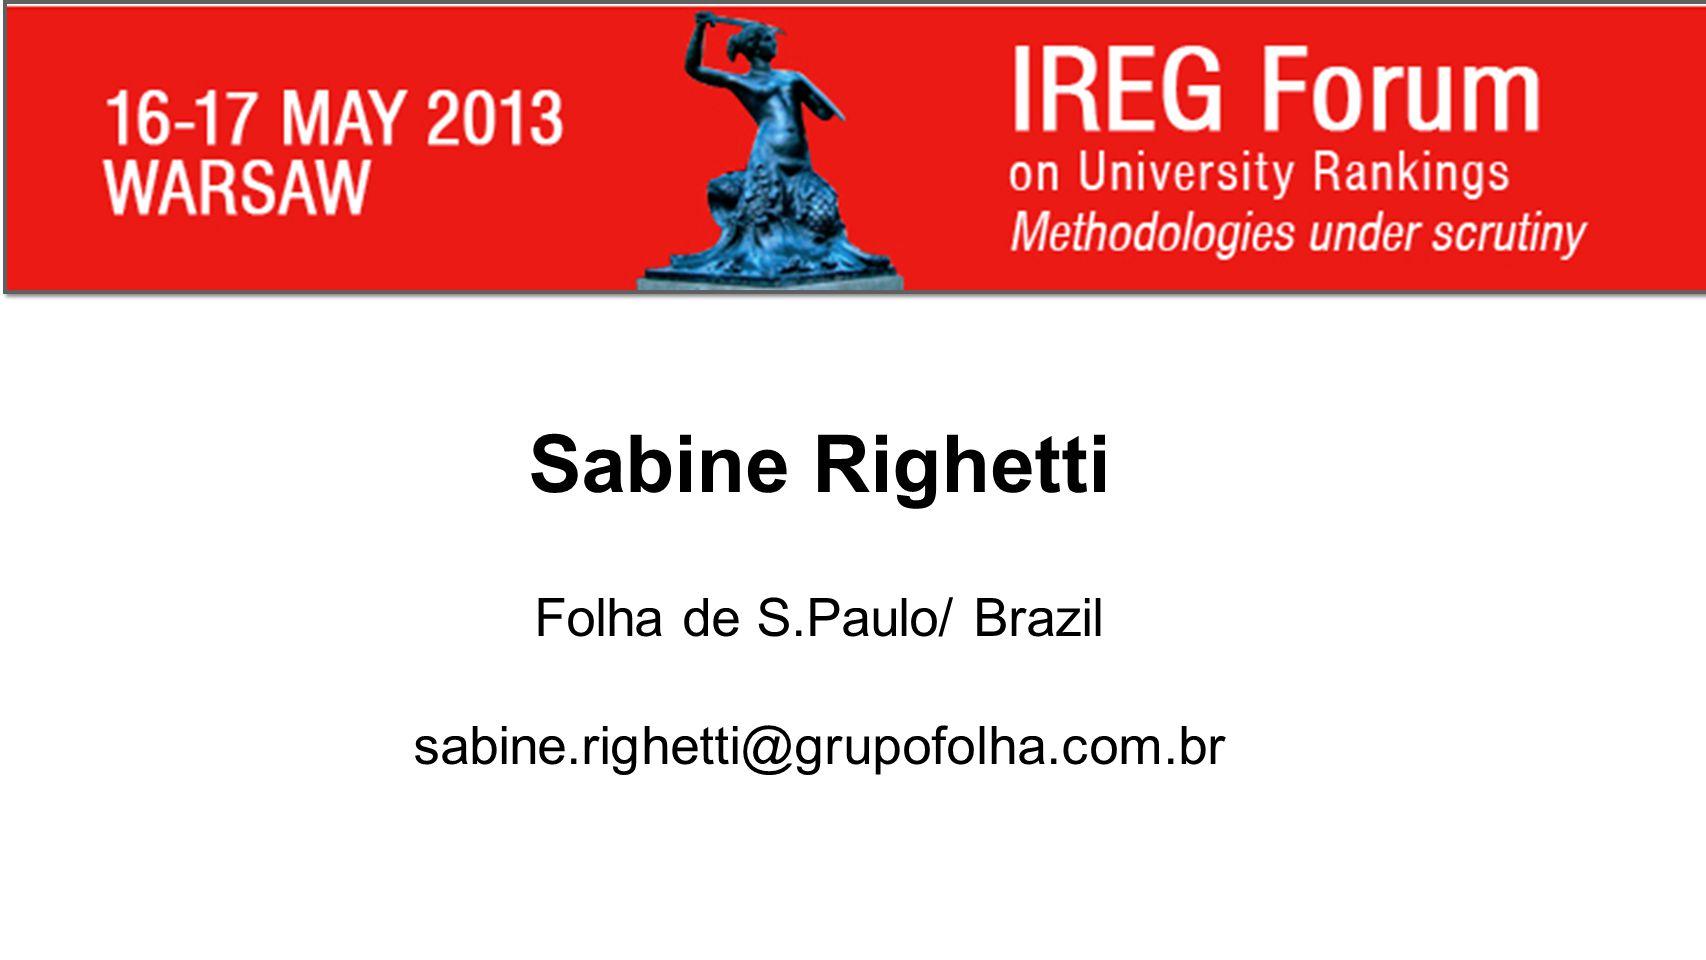 Sabine Righetti Folha de S.Paulo/ Brazil sabine.righetti@grupofolha.com.br